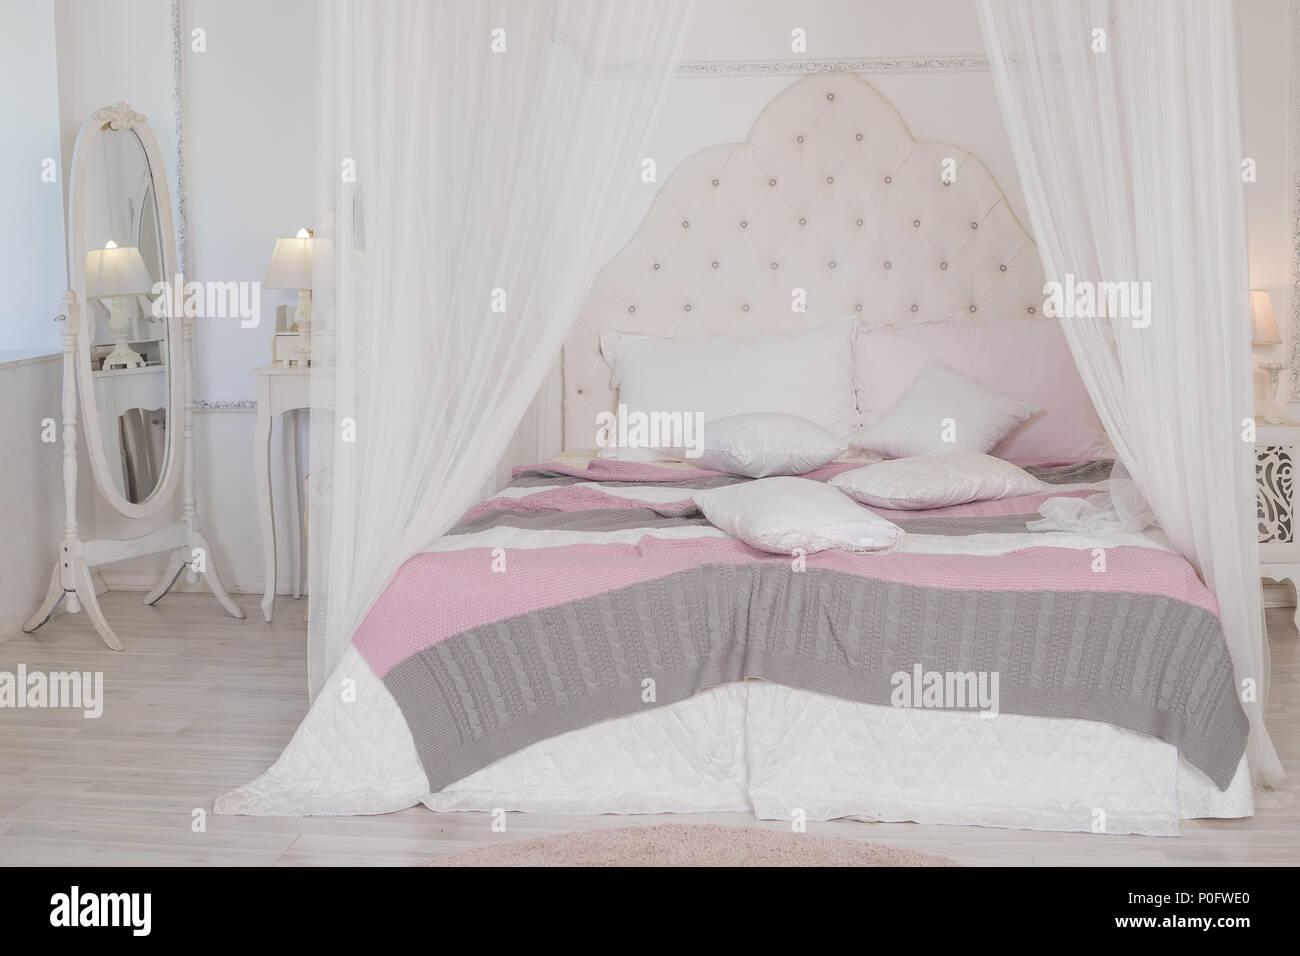 Großes Bett mit niedlichen pastellfarbener Bettwäsche in der Frau ...